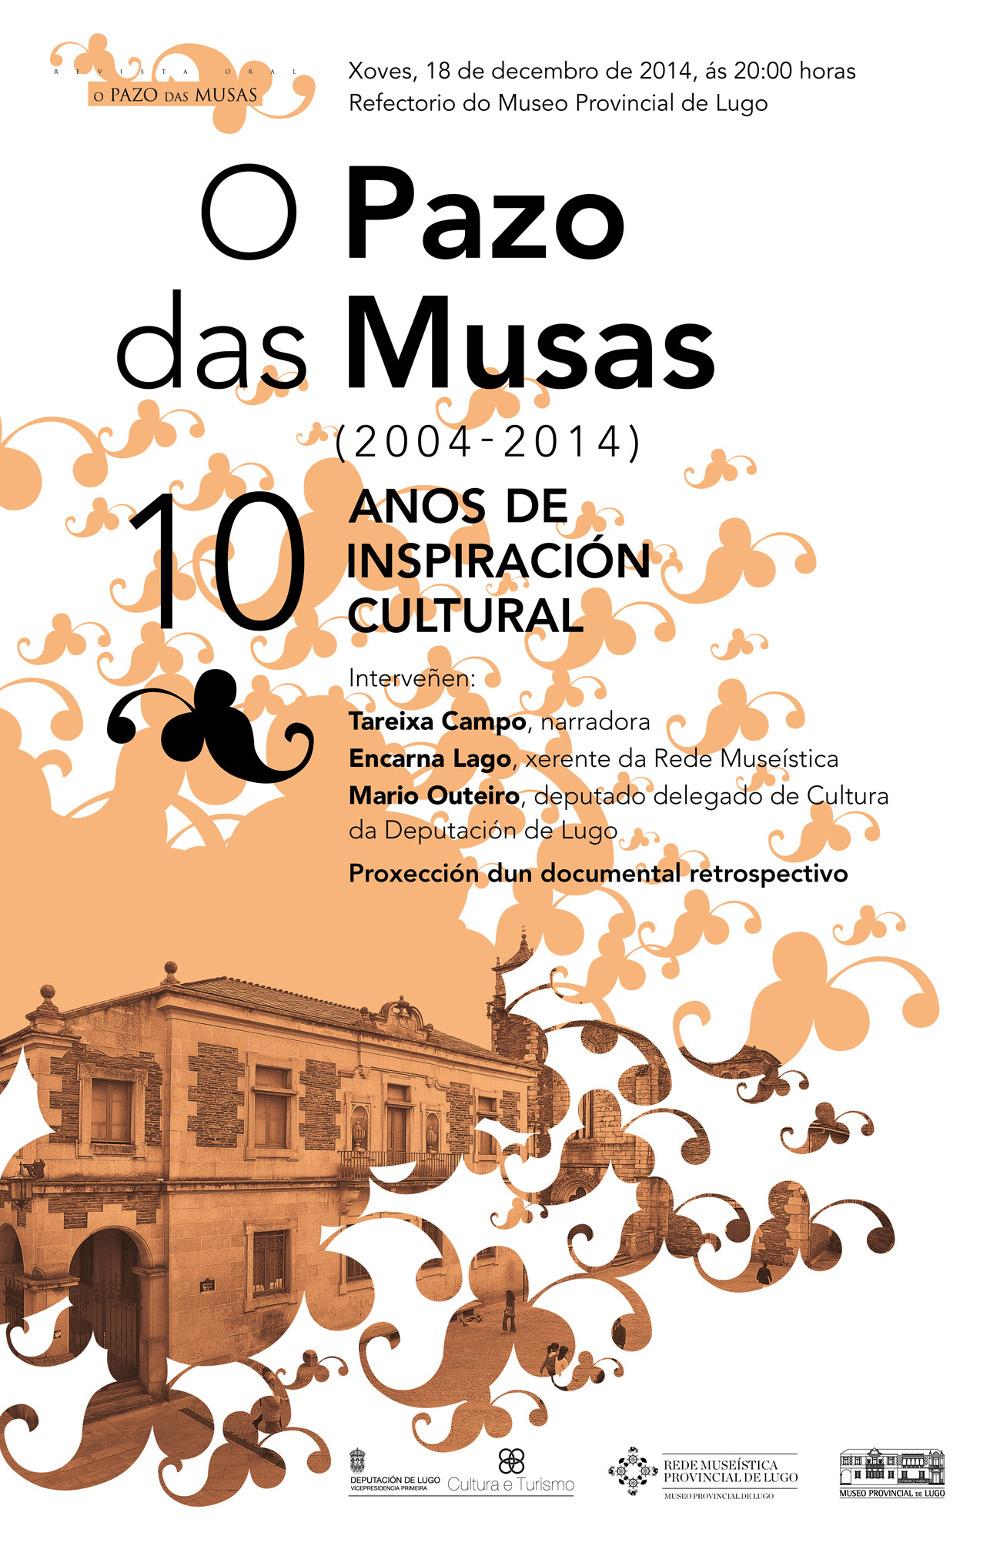 CARTEL Pazo_das_Musas_37 (18.12.2014)